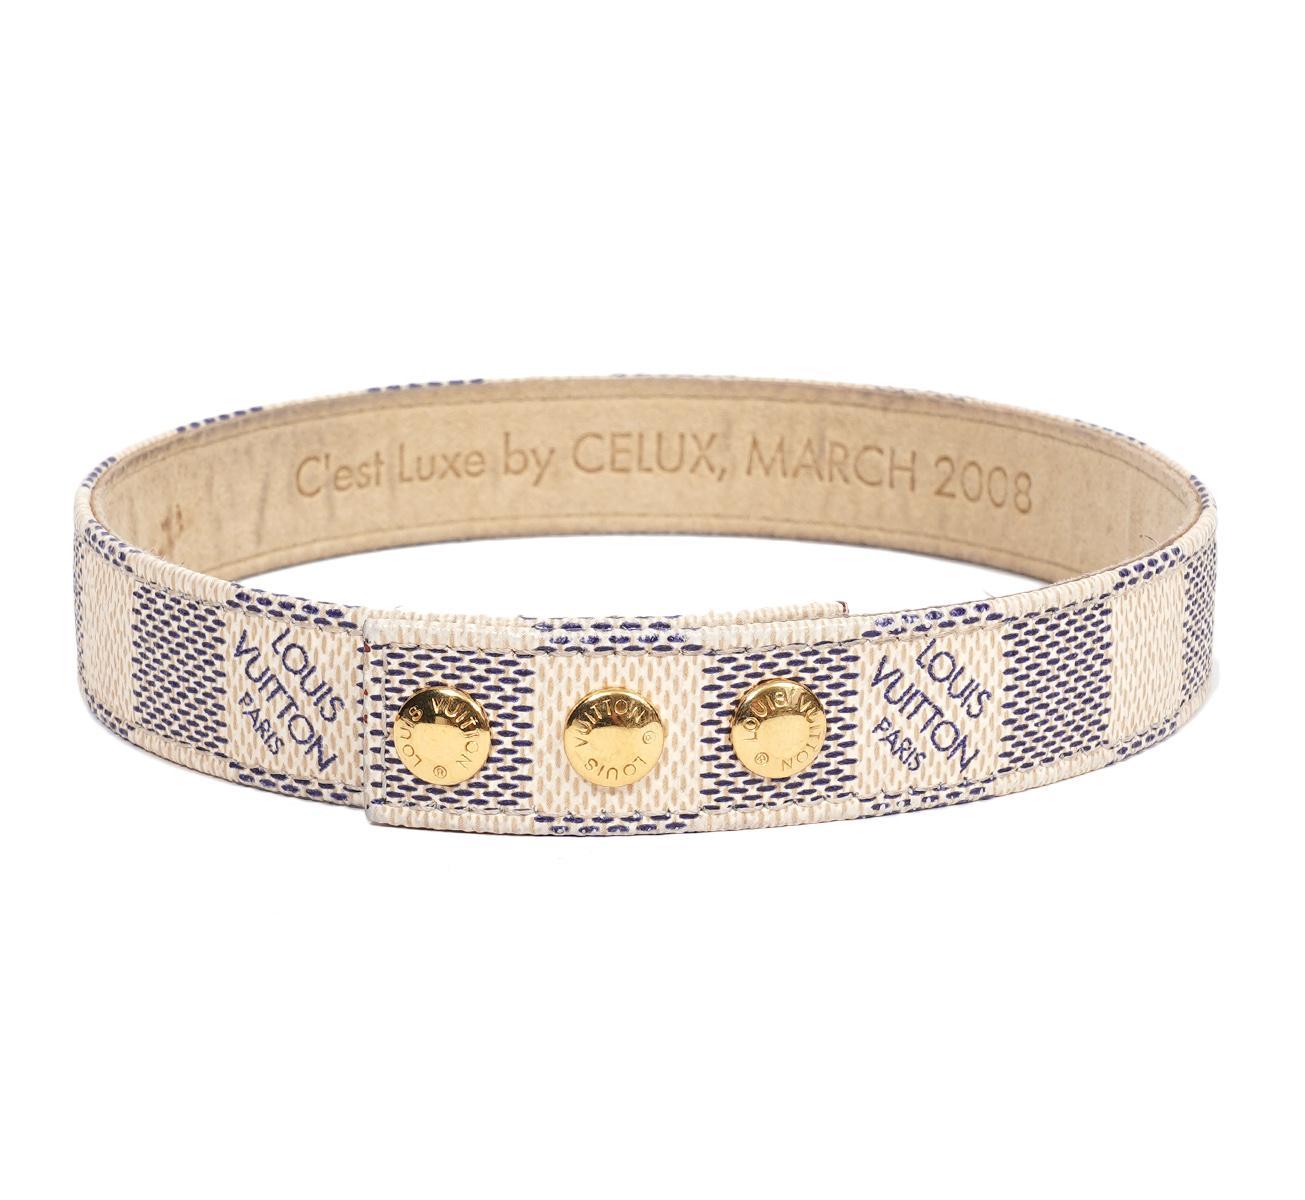 Louis Vuitton Damier Bracelet C'est by Celuxe 2008